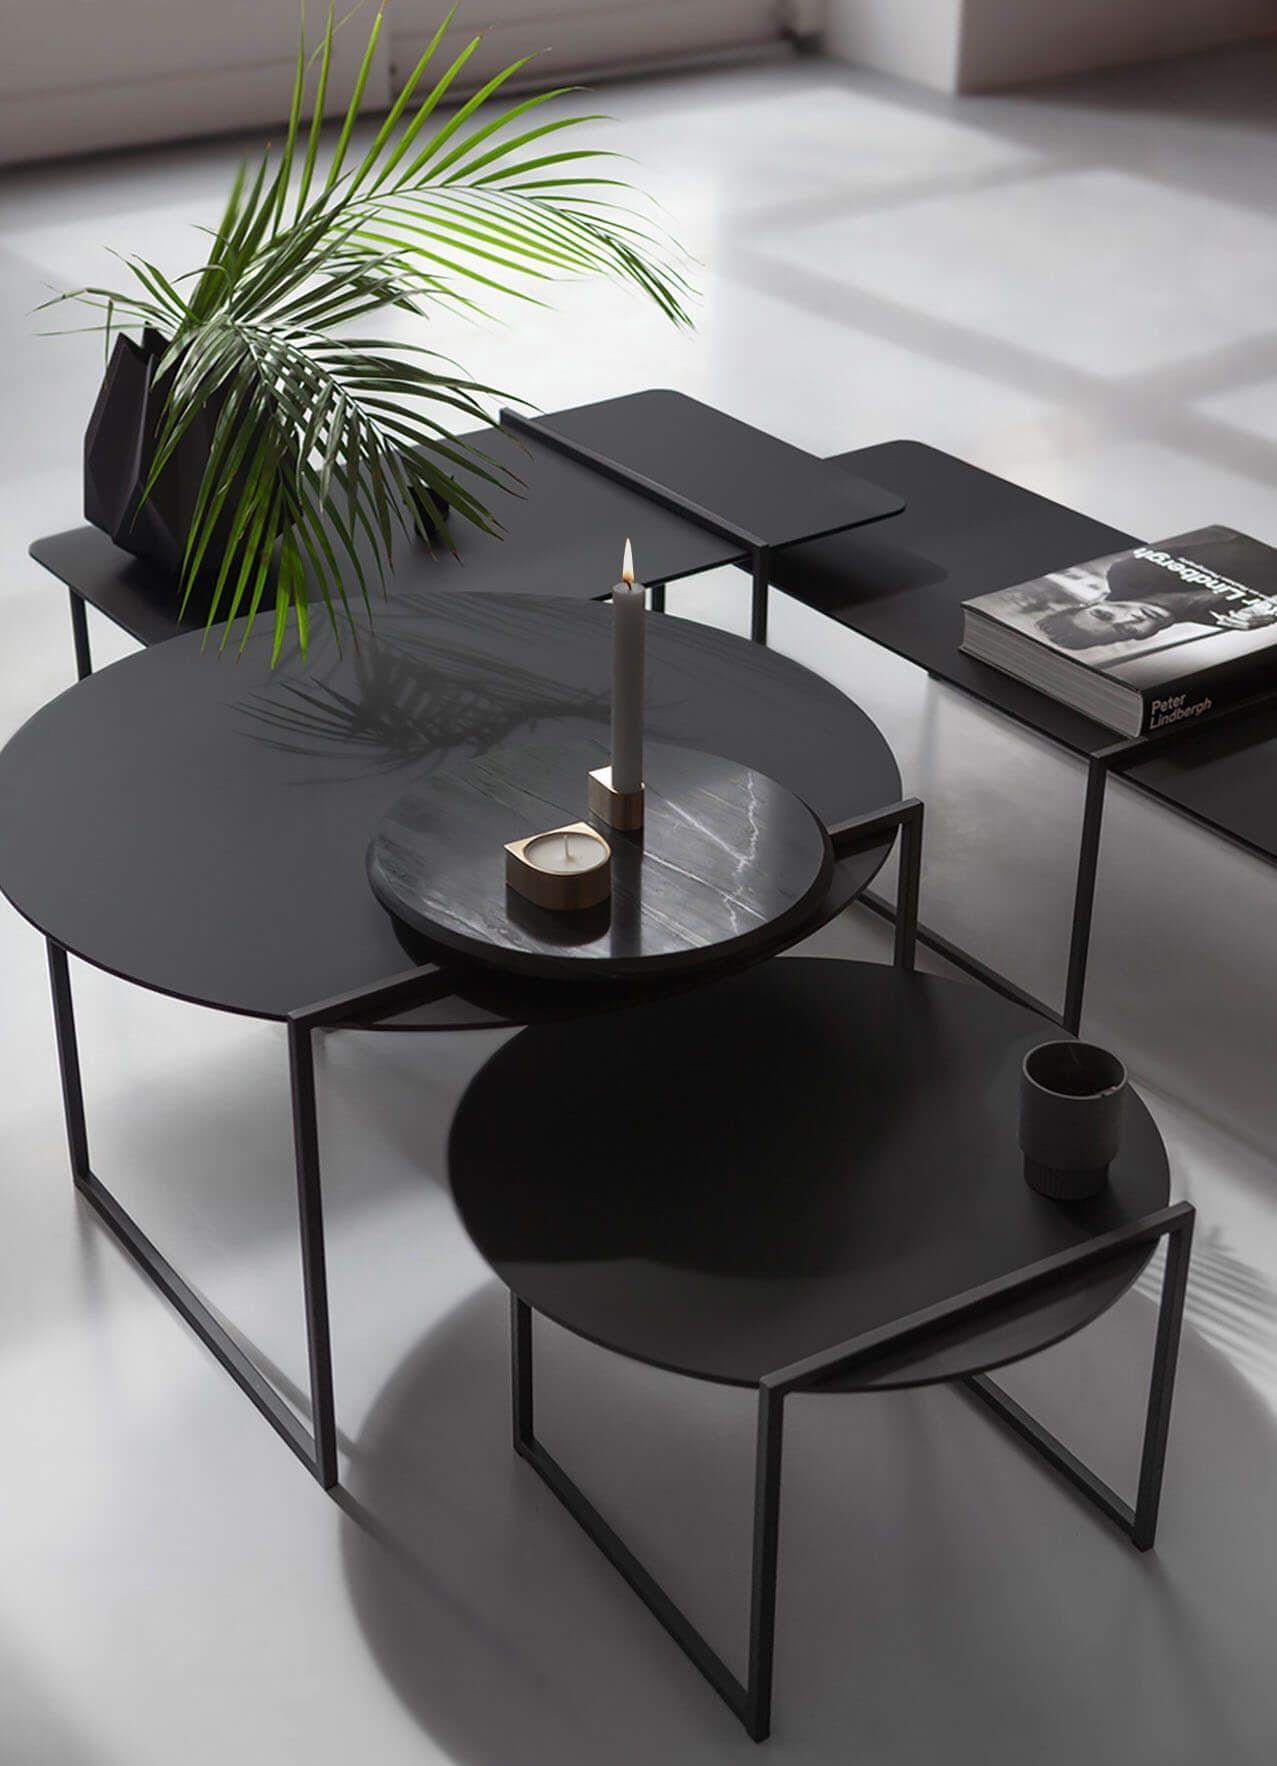 Stitch Side Table By Marc Th Van Der Voorn Archello Couchtisch Rund Couchtisch Schwarz Couchtisch Styling